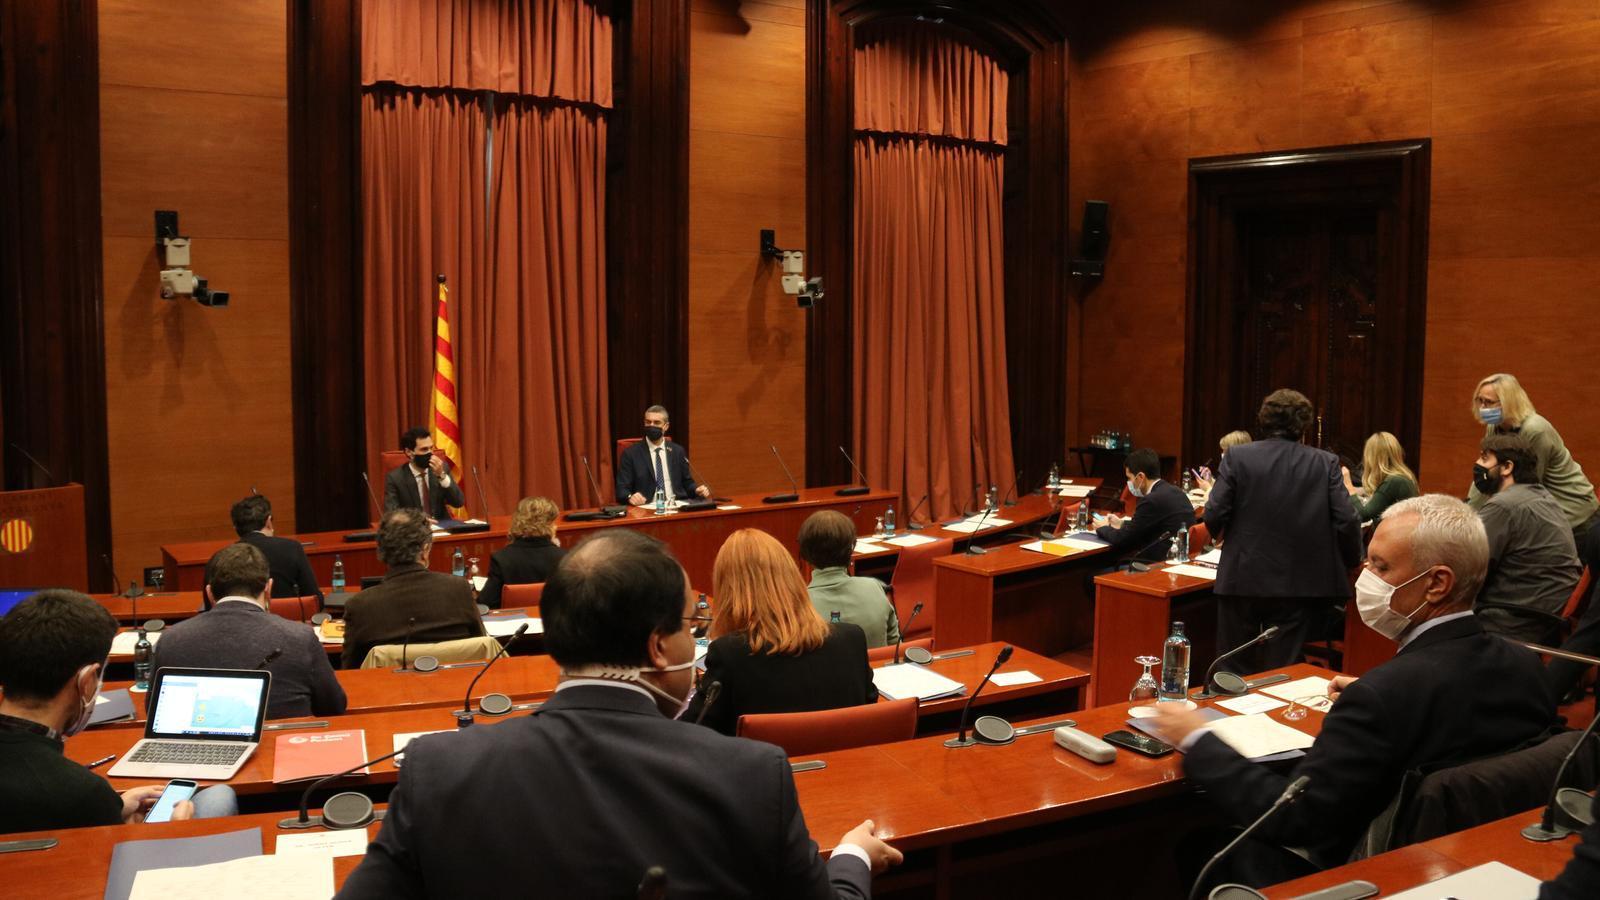 EN DIRECTE | Conferències de premsa posteriors a la reunió de la taula de partits per tractar de les eleccions del 14 de febrer